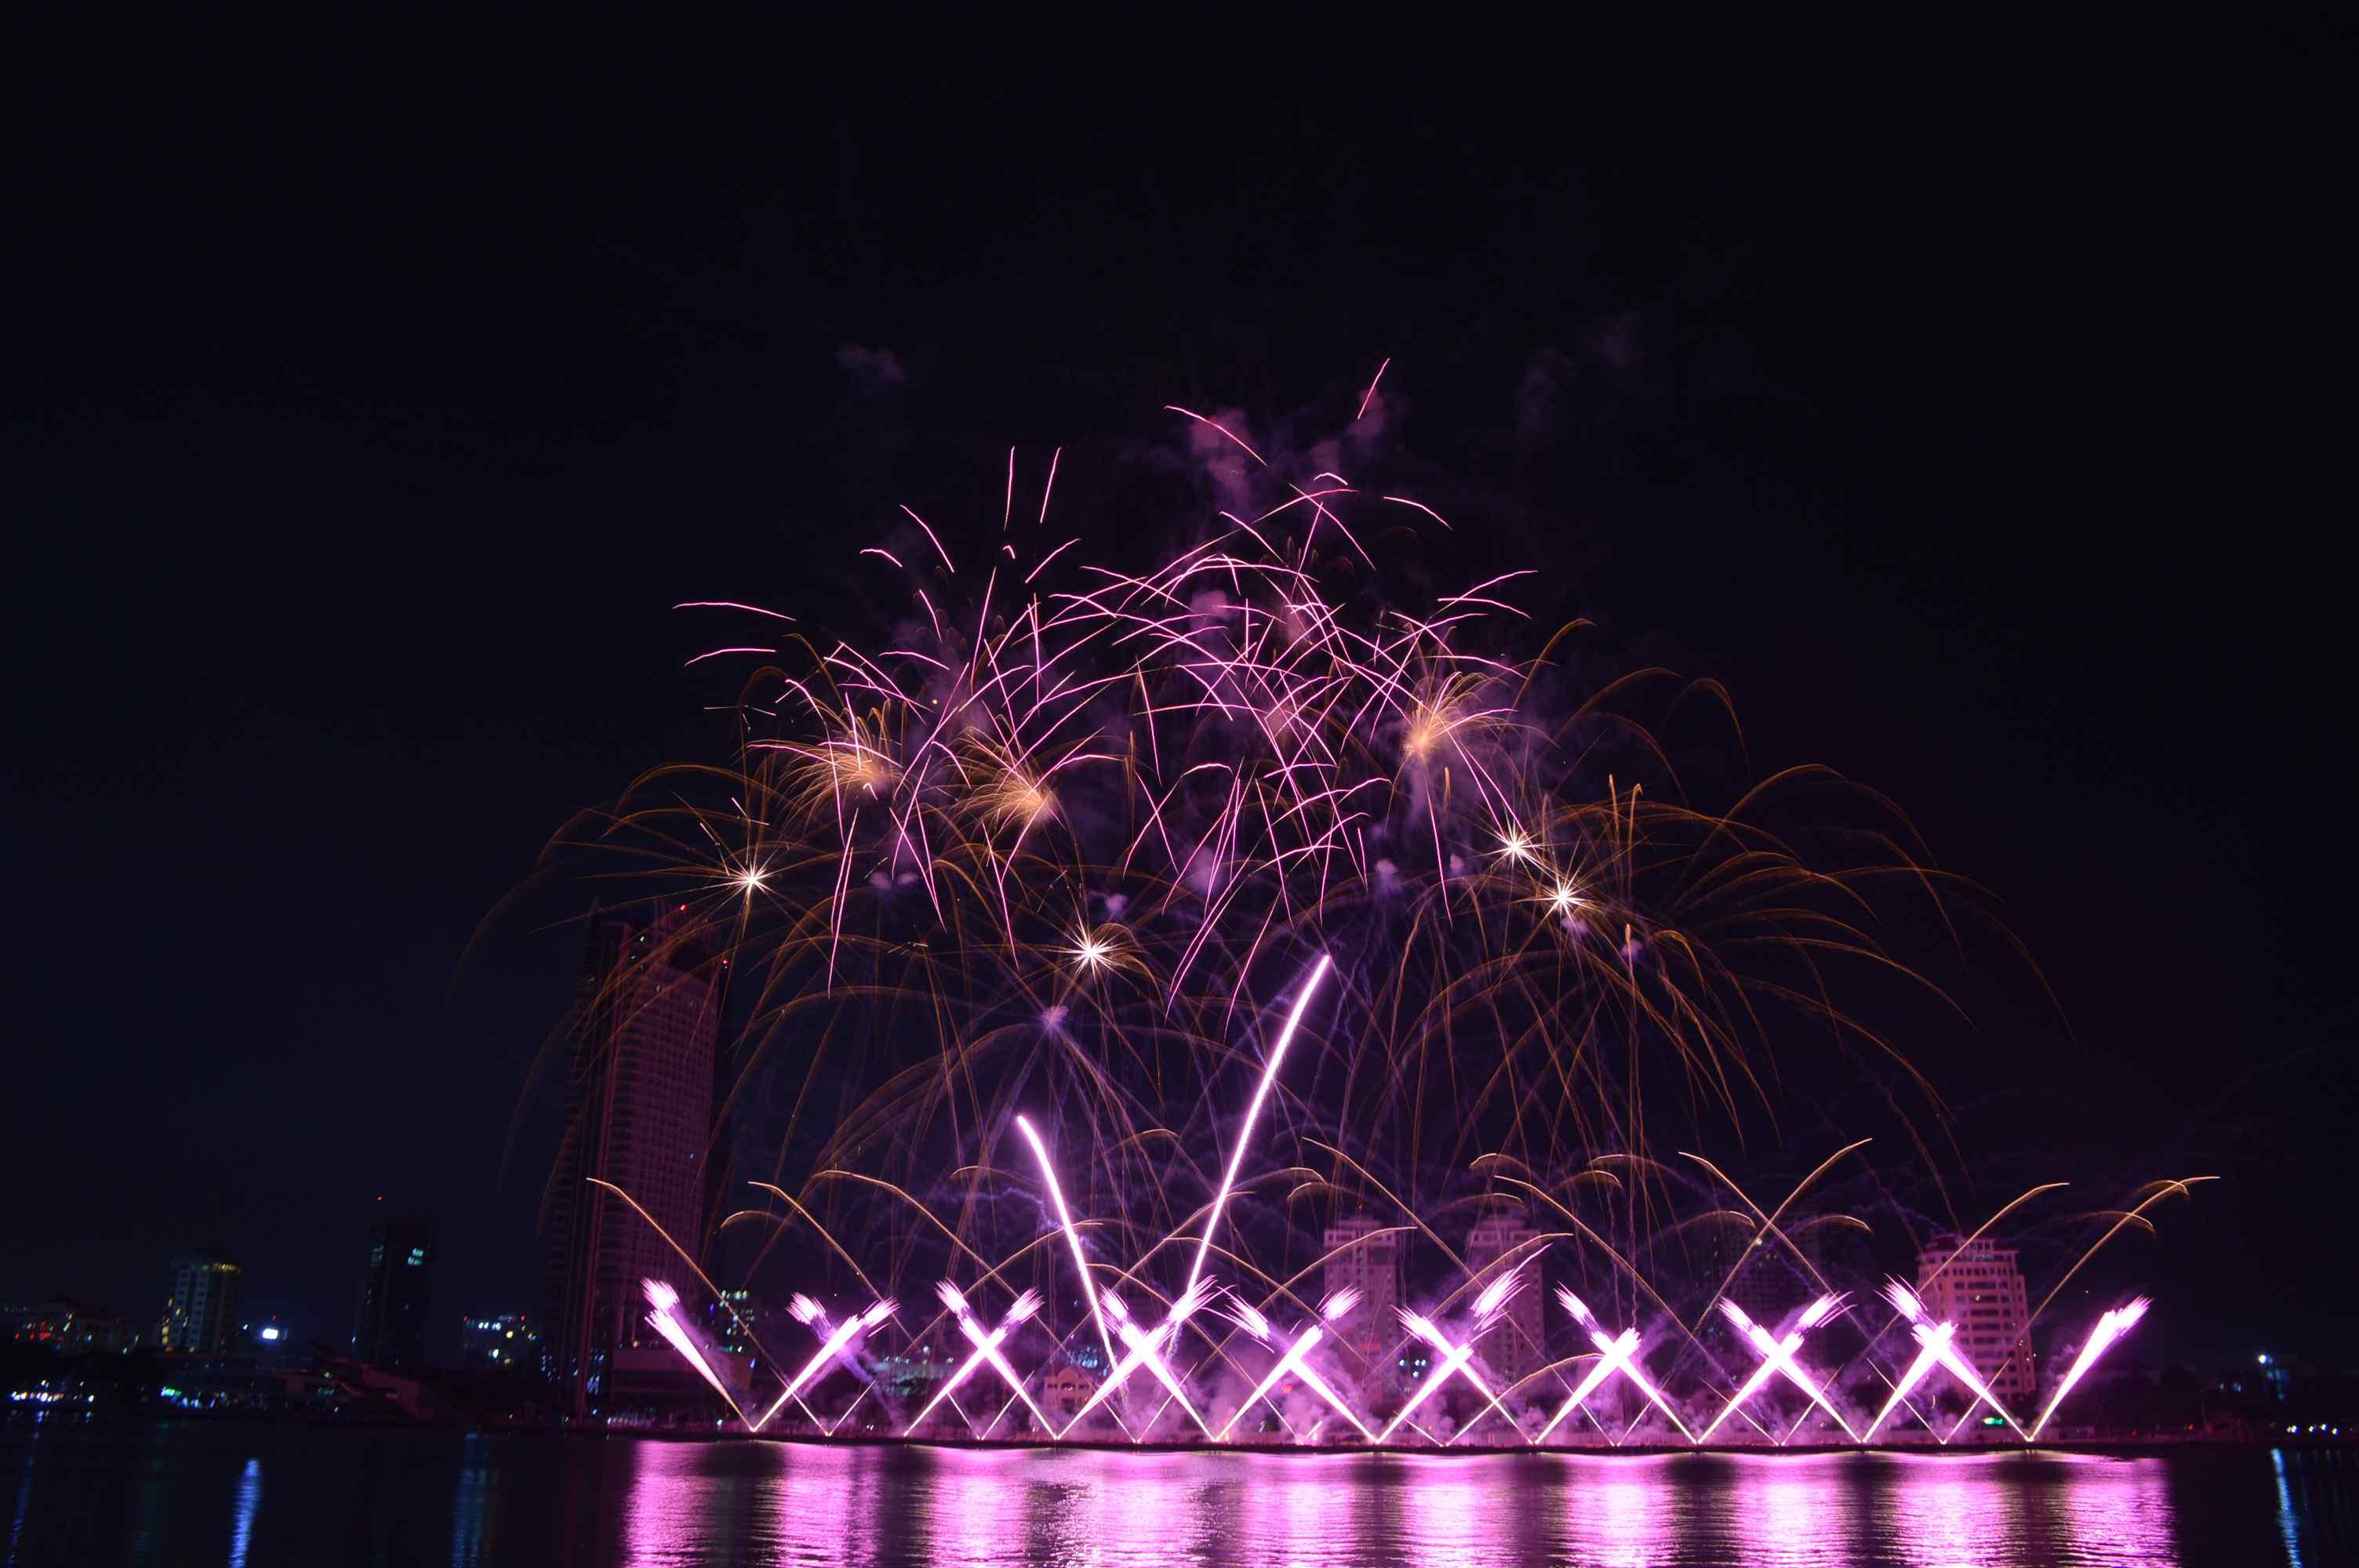 Lễ hội Pháo hoa Quốc tế Đà Nẵng trải dài trong 2 tháng giúp khách du lịch đến Đà Nẵng tăng mạnh. Ảnh: Q.T